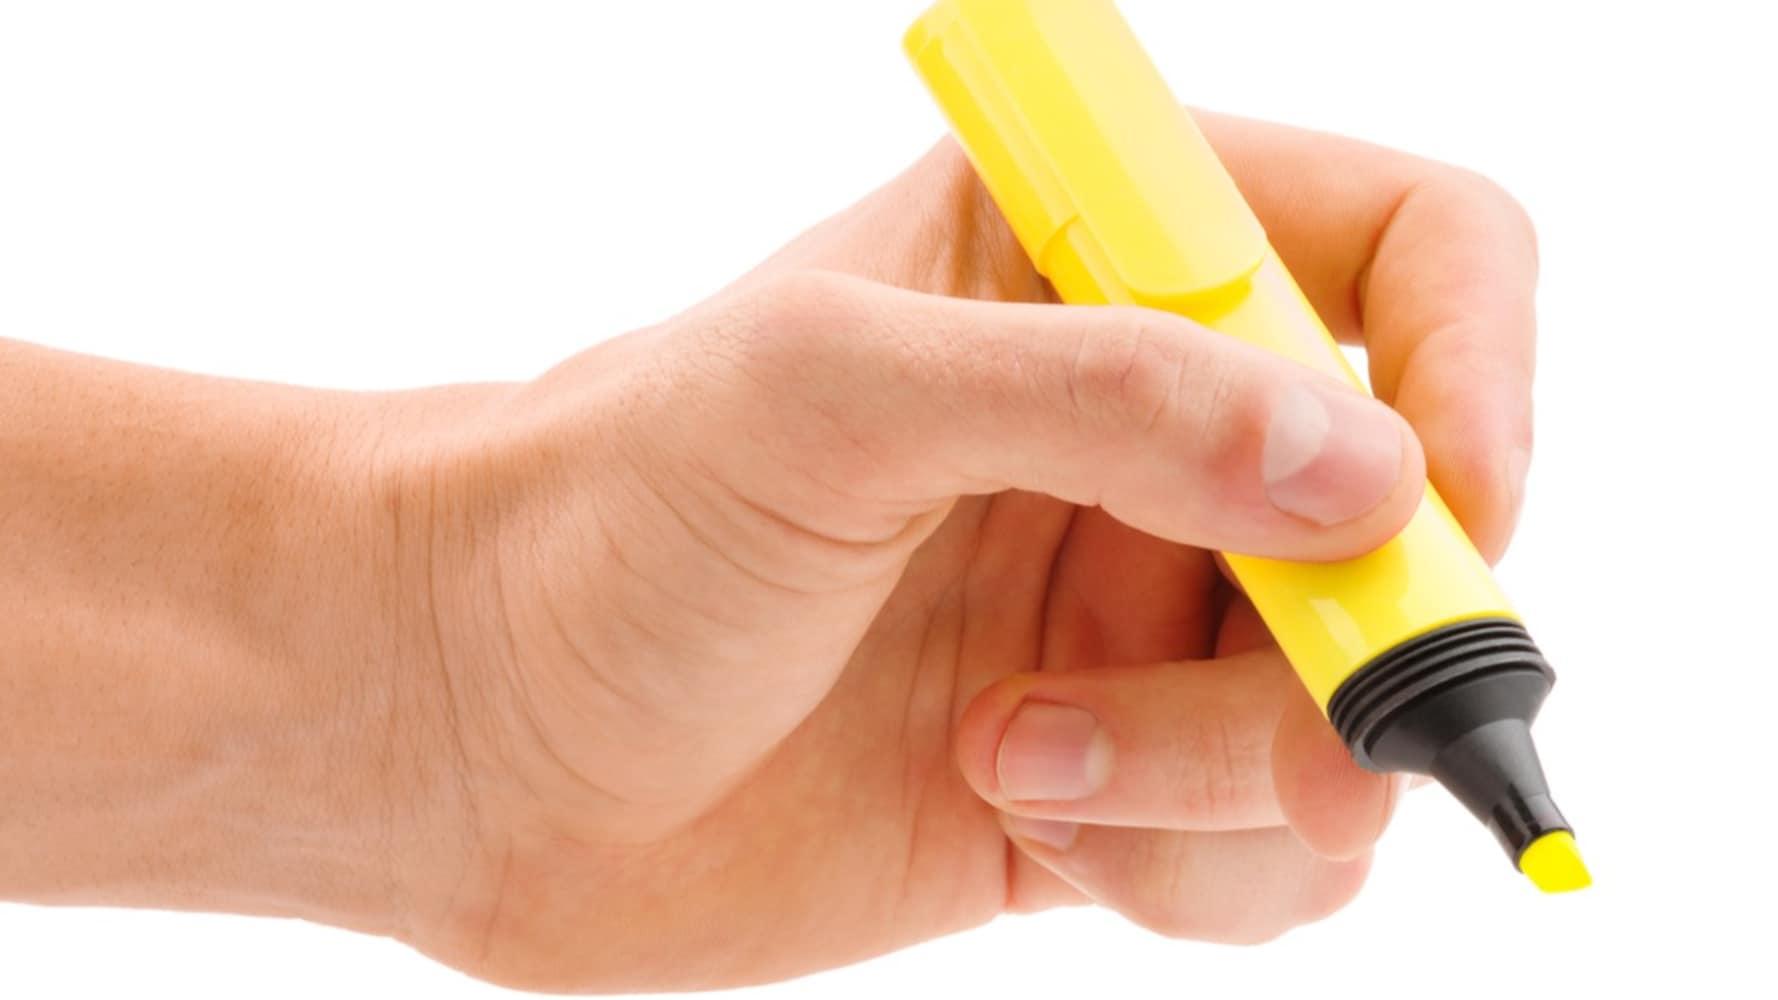 タッチペン|塗装のはがれをピンポイントで隠せる!手軽さも◎